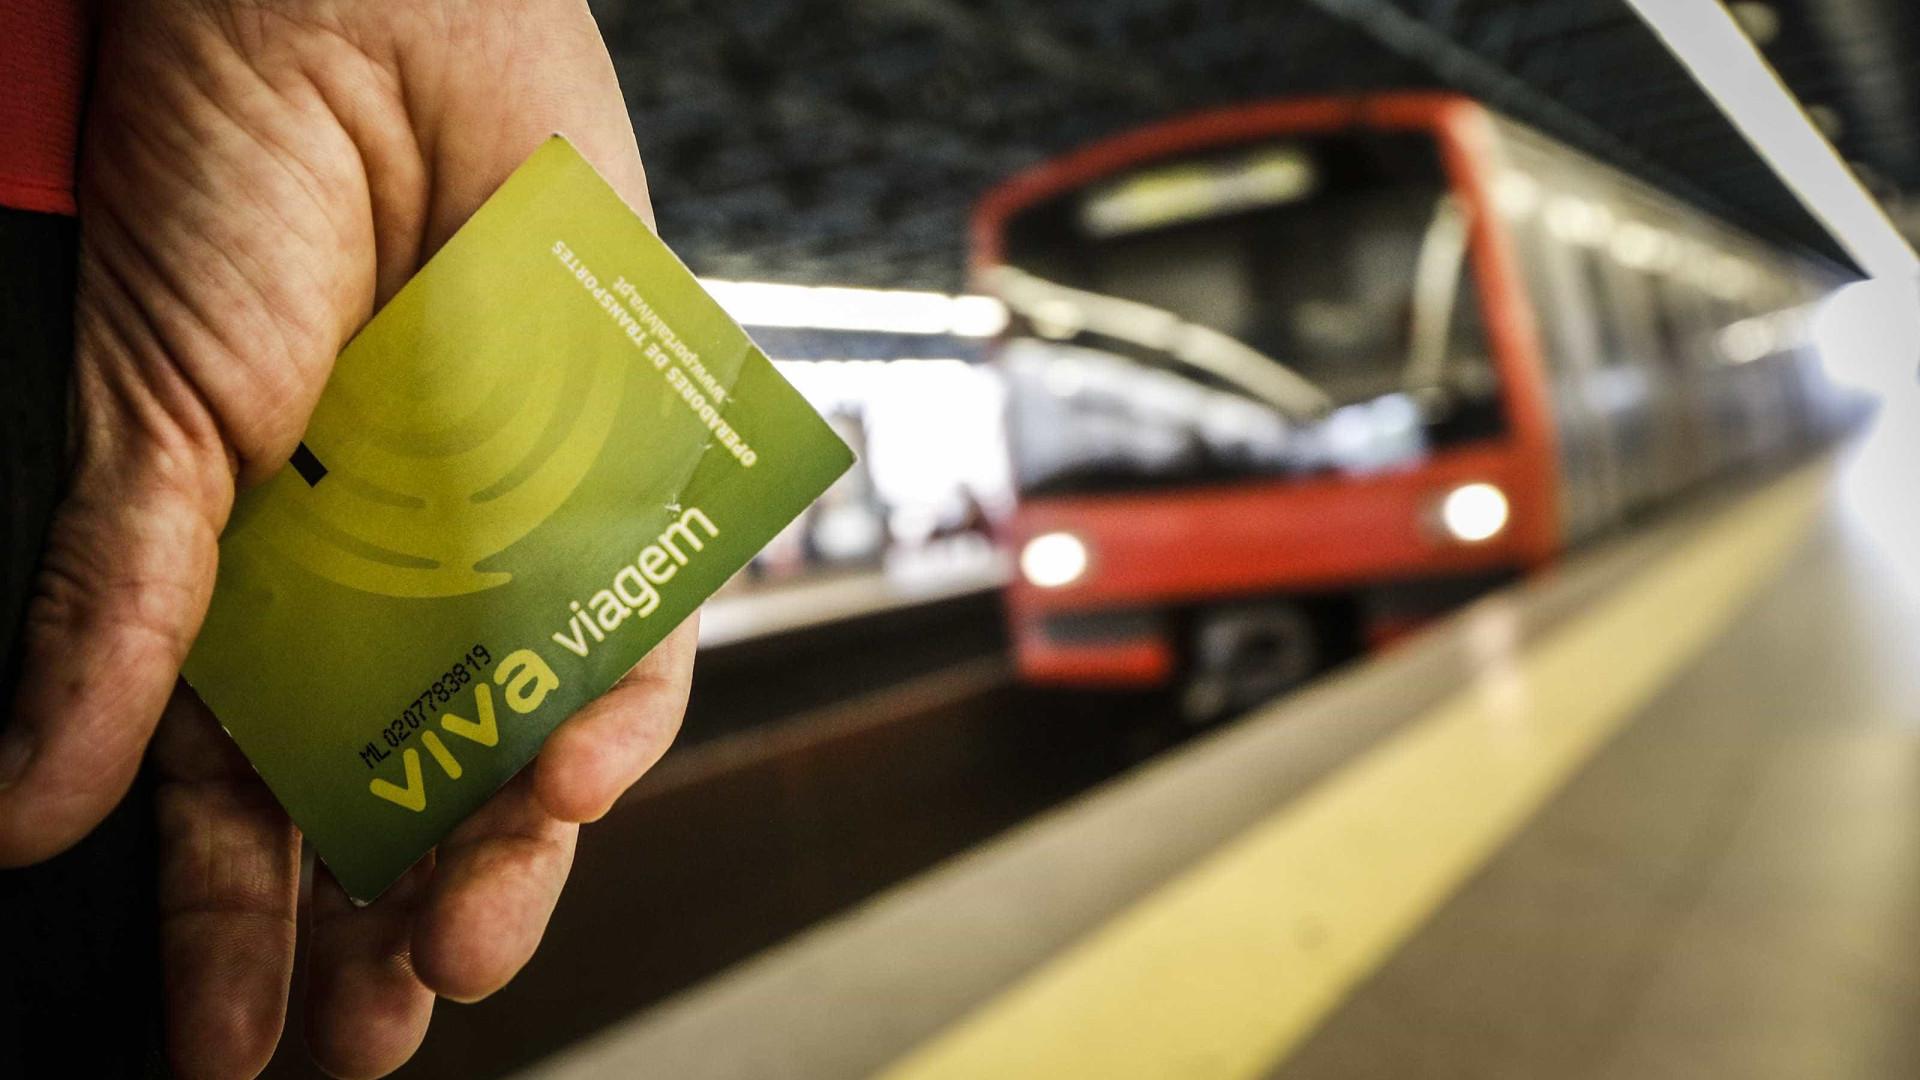 Prolongamento da rede de metro vai reduzir tempo de espera, diz estudo